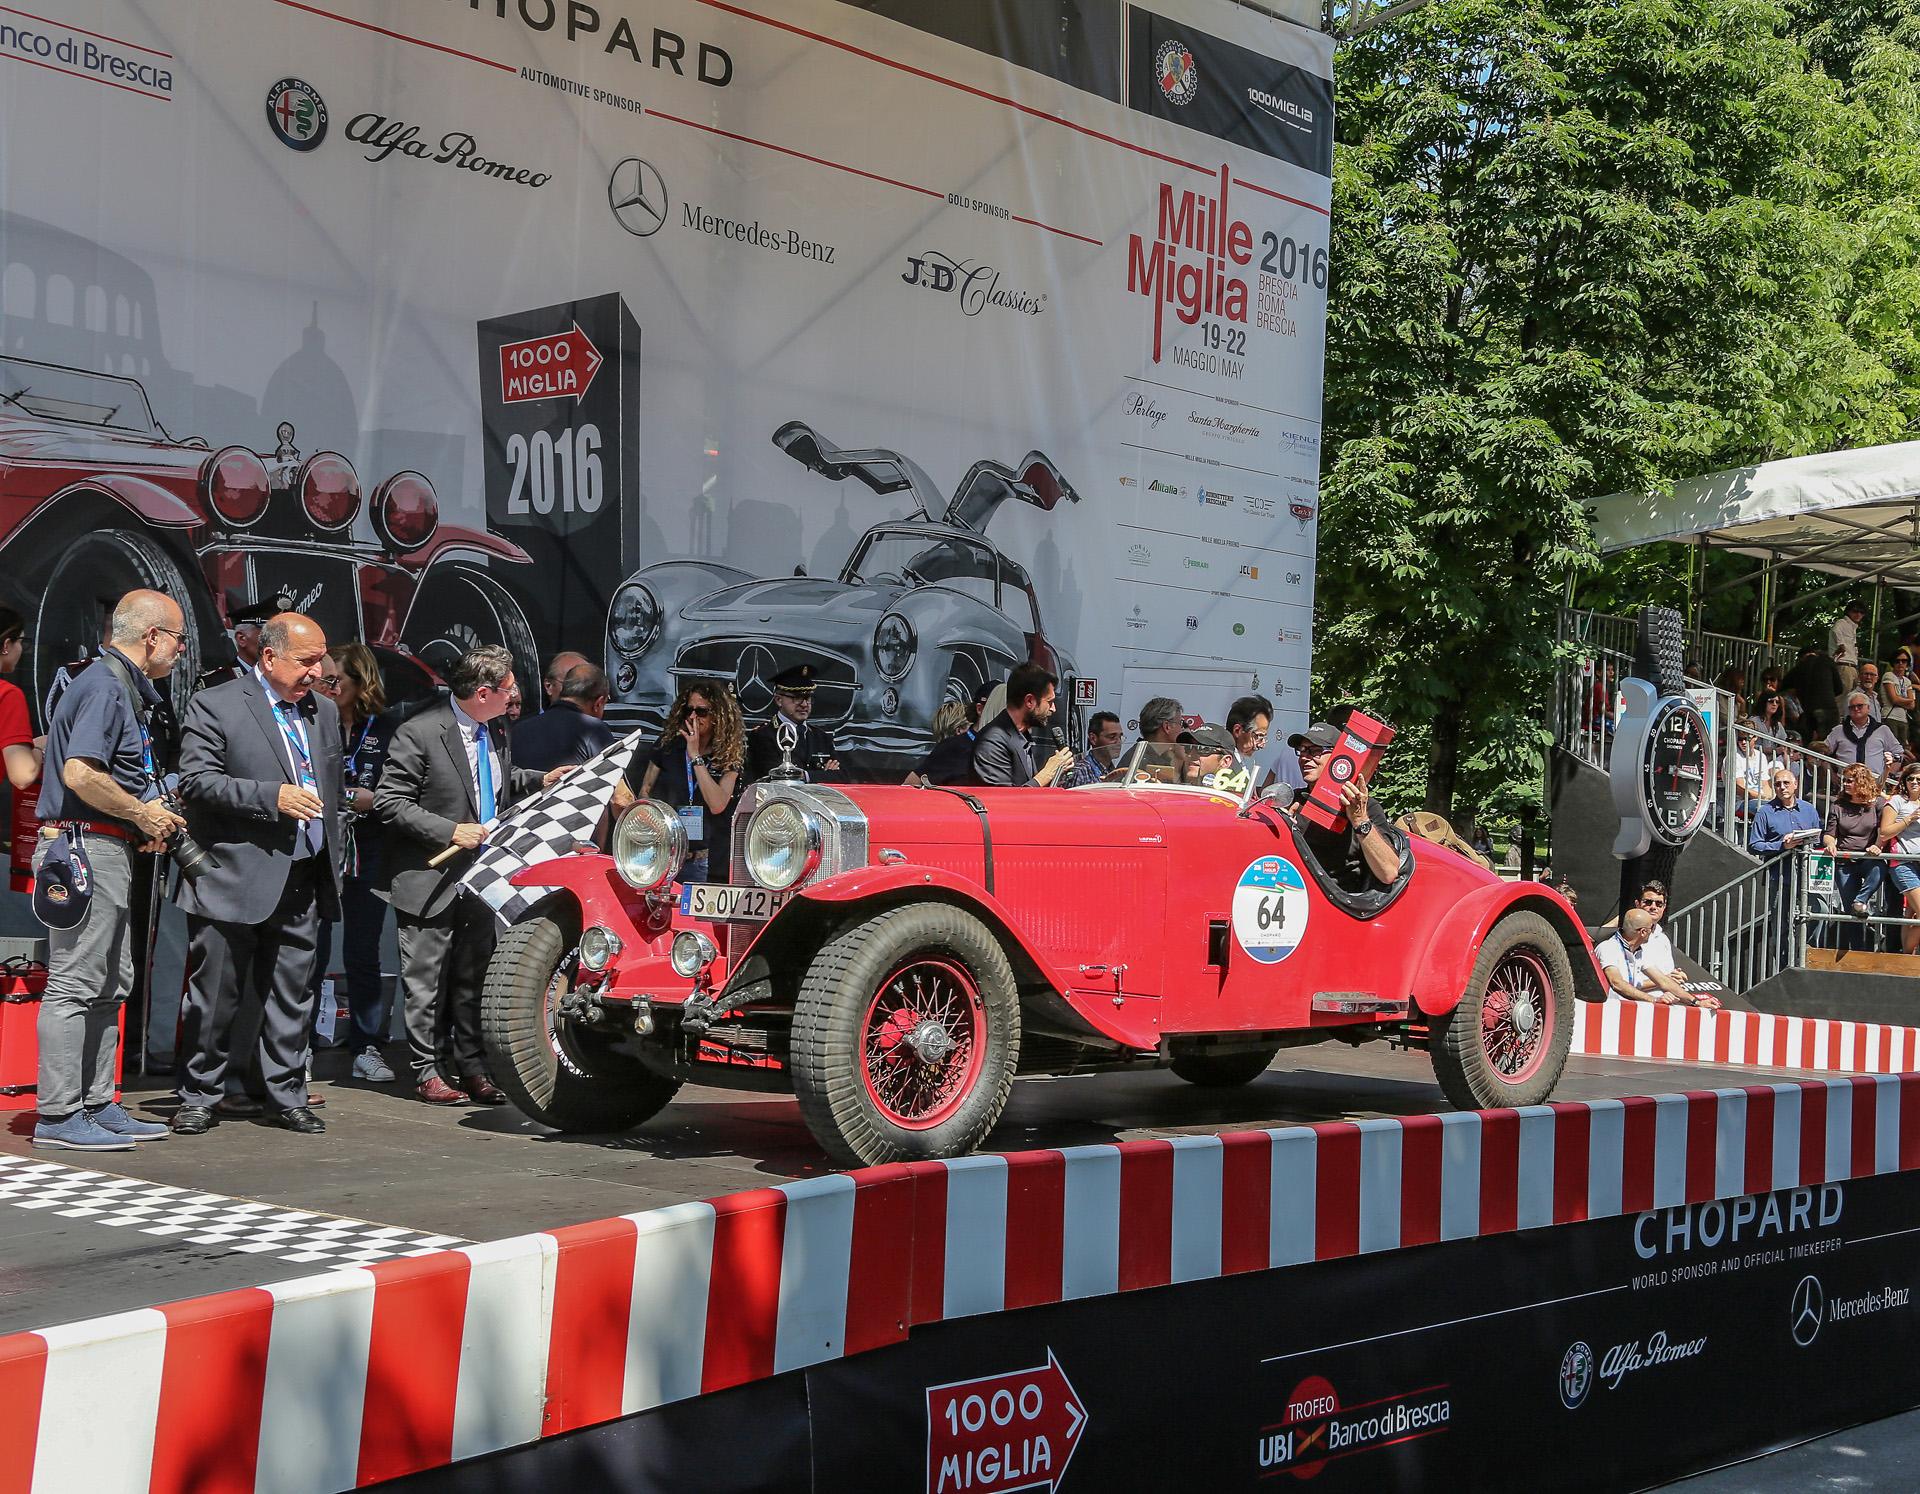 Historische Gleichmäßigkeitsfahrt Mille Miglia 2016. Mercedes-Benz SS (W 06), gefahren von Mercedes-Benz Markenbotschafter Bernd Mayländer, im Ziel in Brescia am 22. Mai 2016.